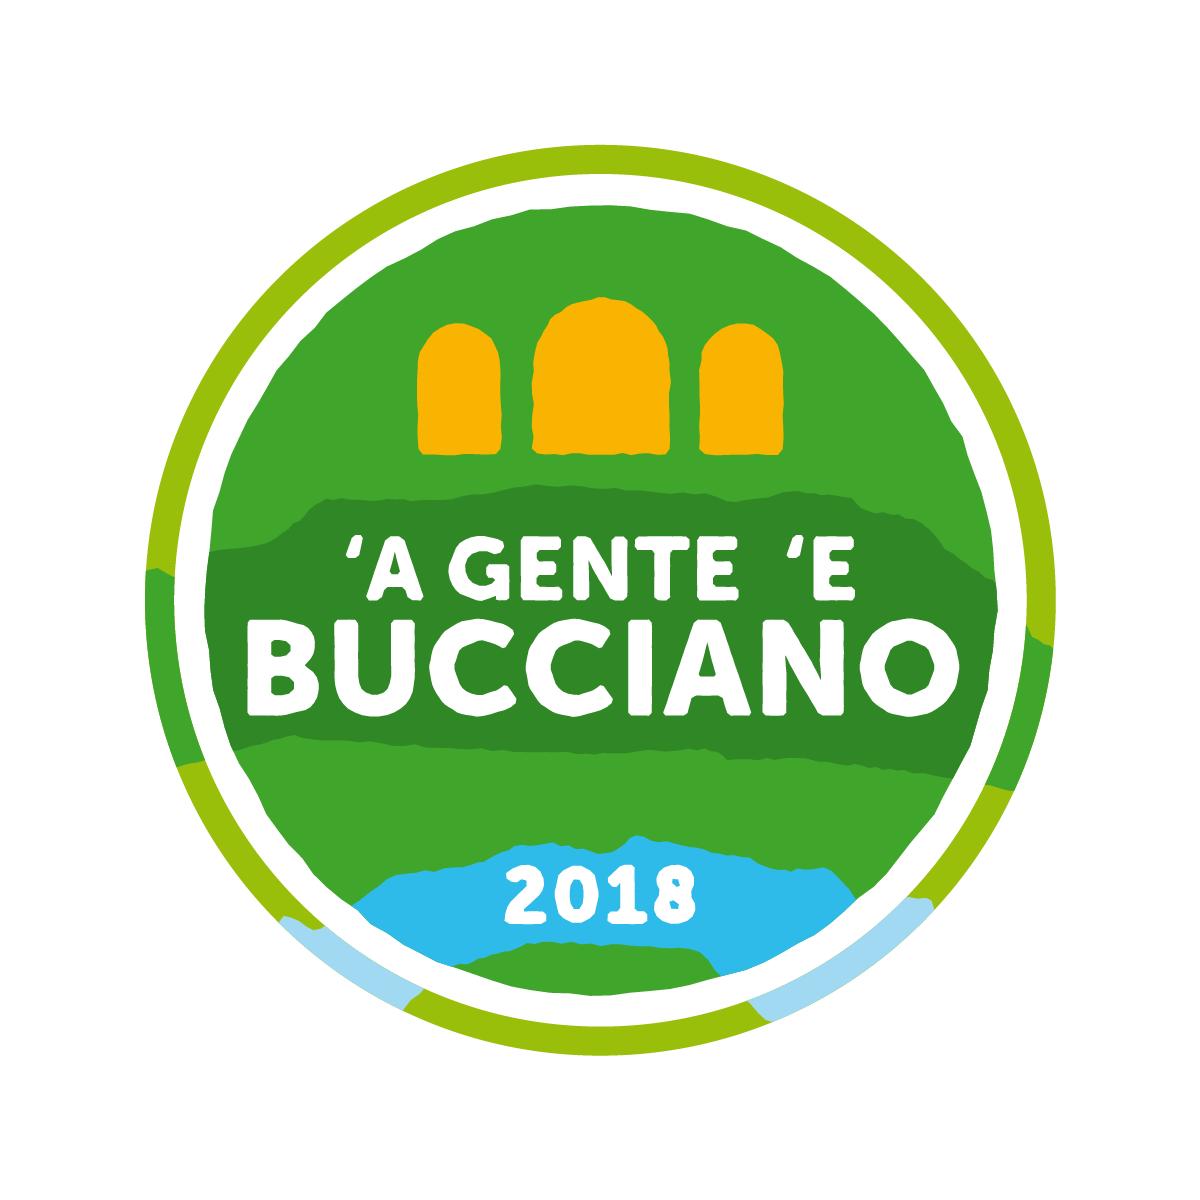 Amministrative Bucciano | Il programma elettorale della lista 'A Gente 'e Bucciano